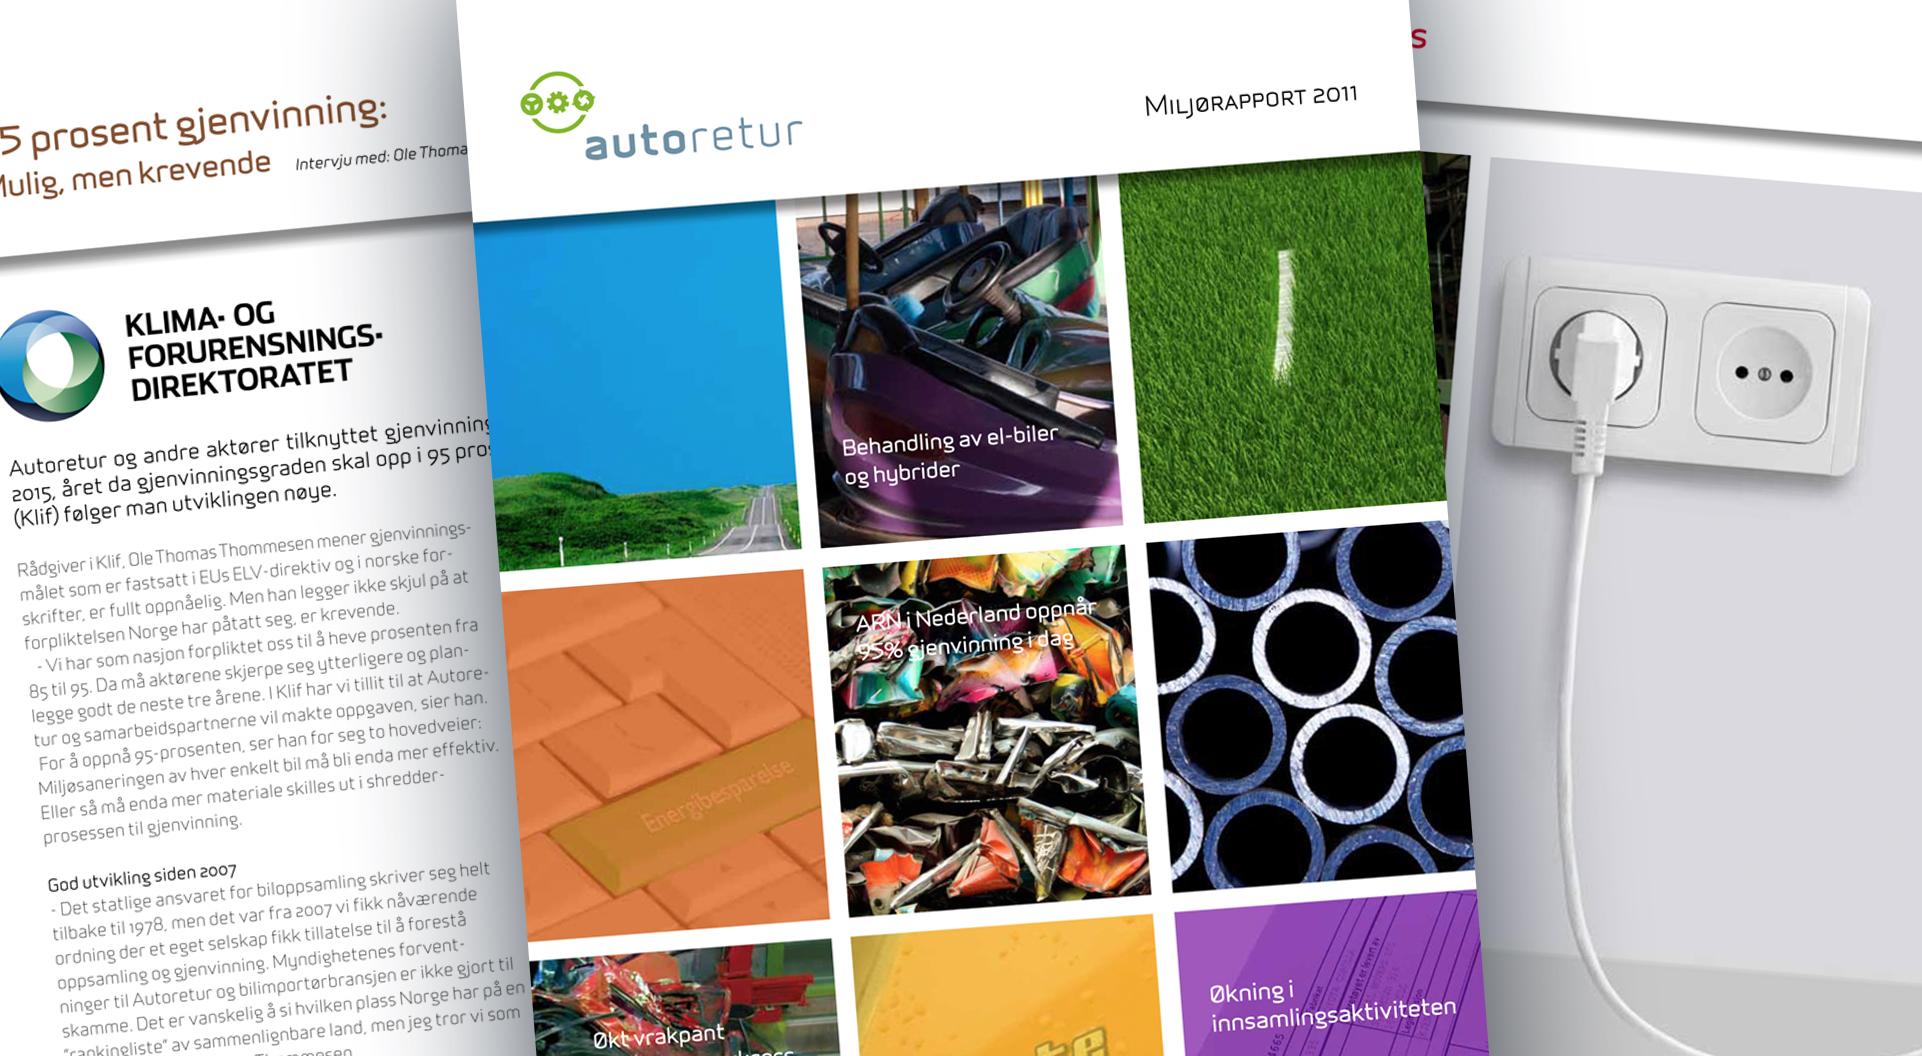 Miljørapport 2011